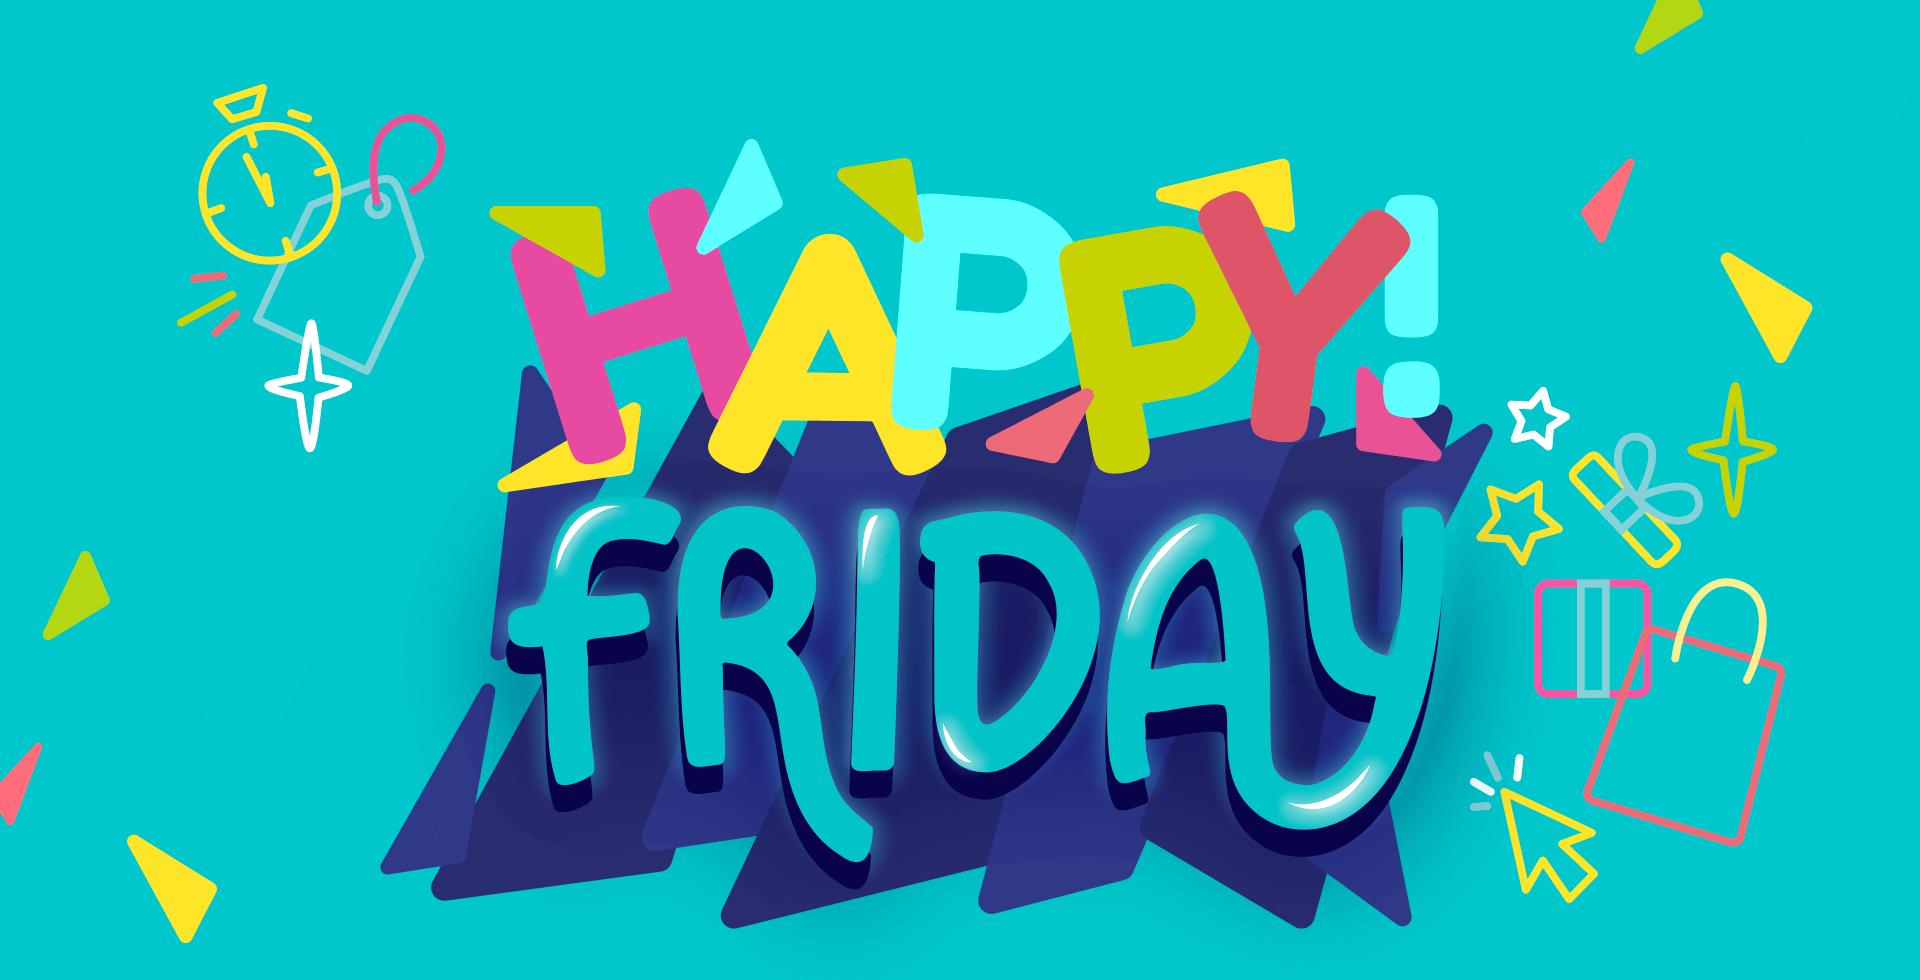 Já começou a nossa Happy Friday! Confira nossos produtos e promoções